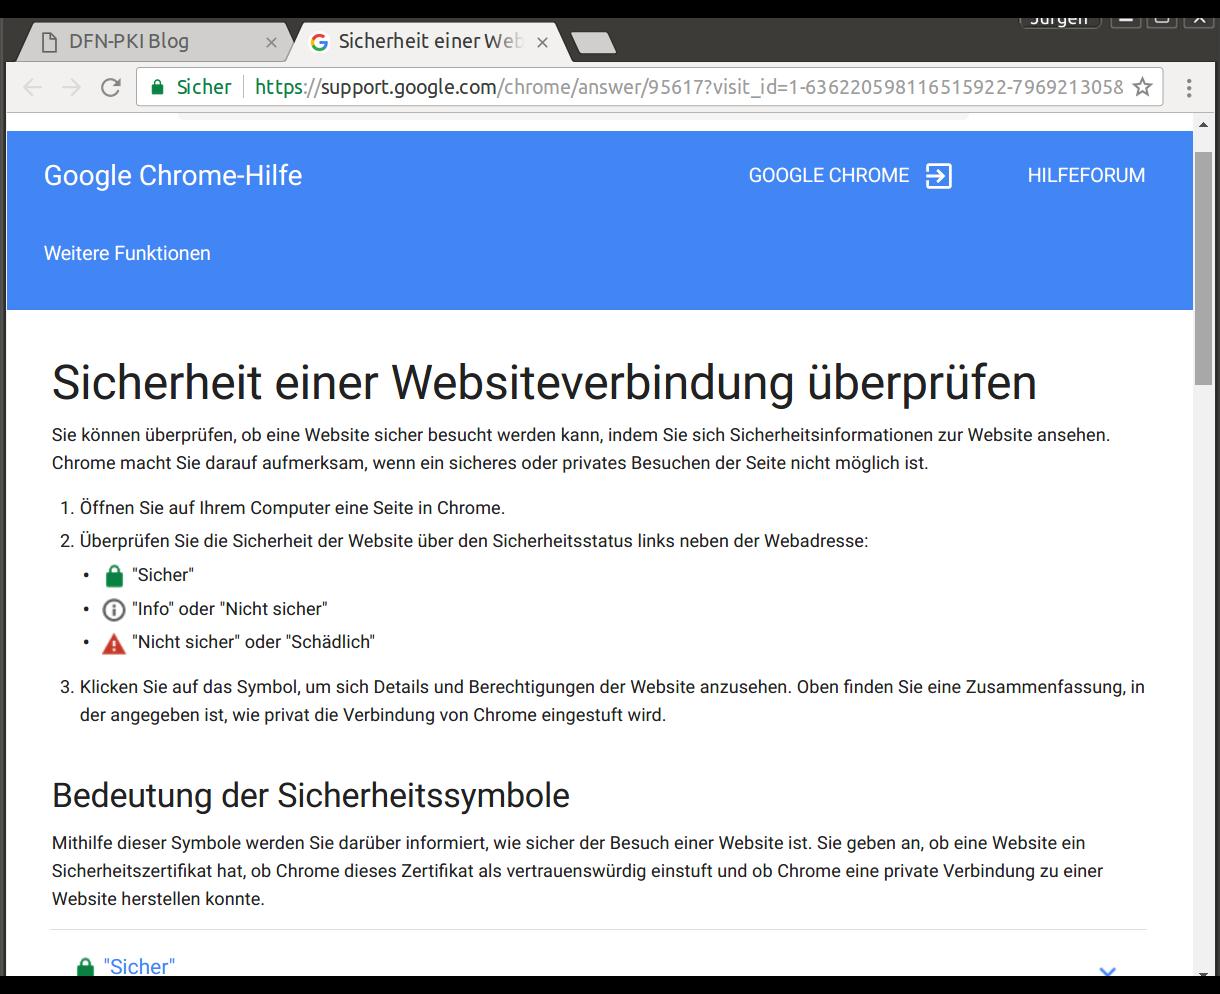 Chrome Dfn Pki Blog